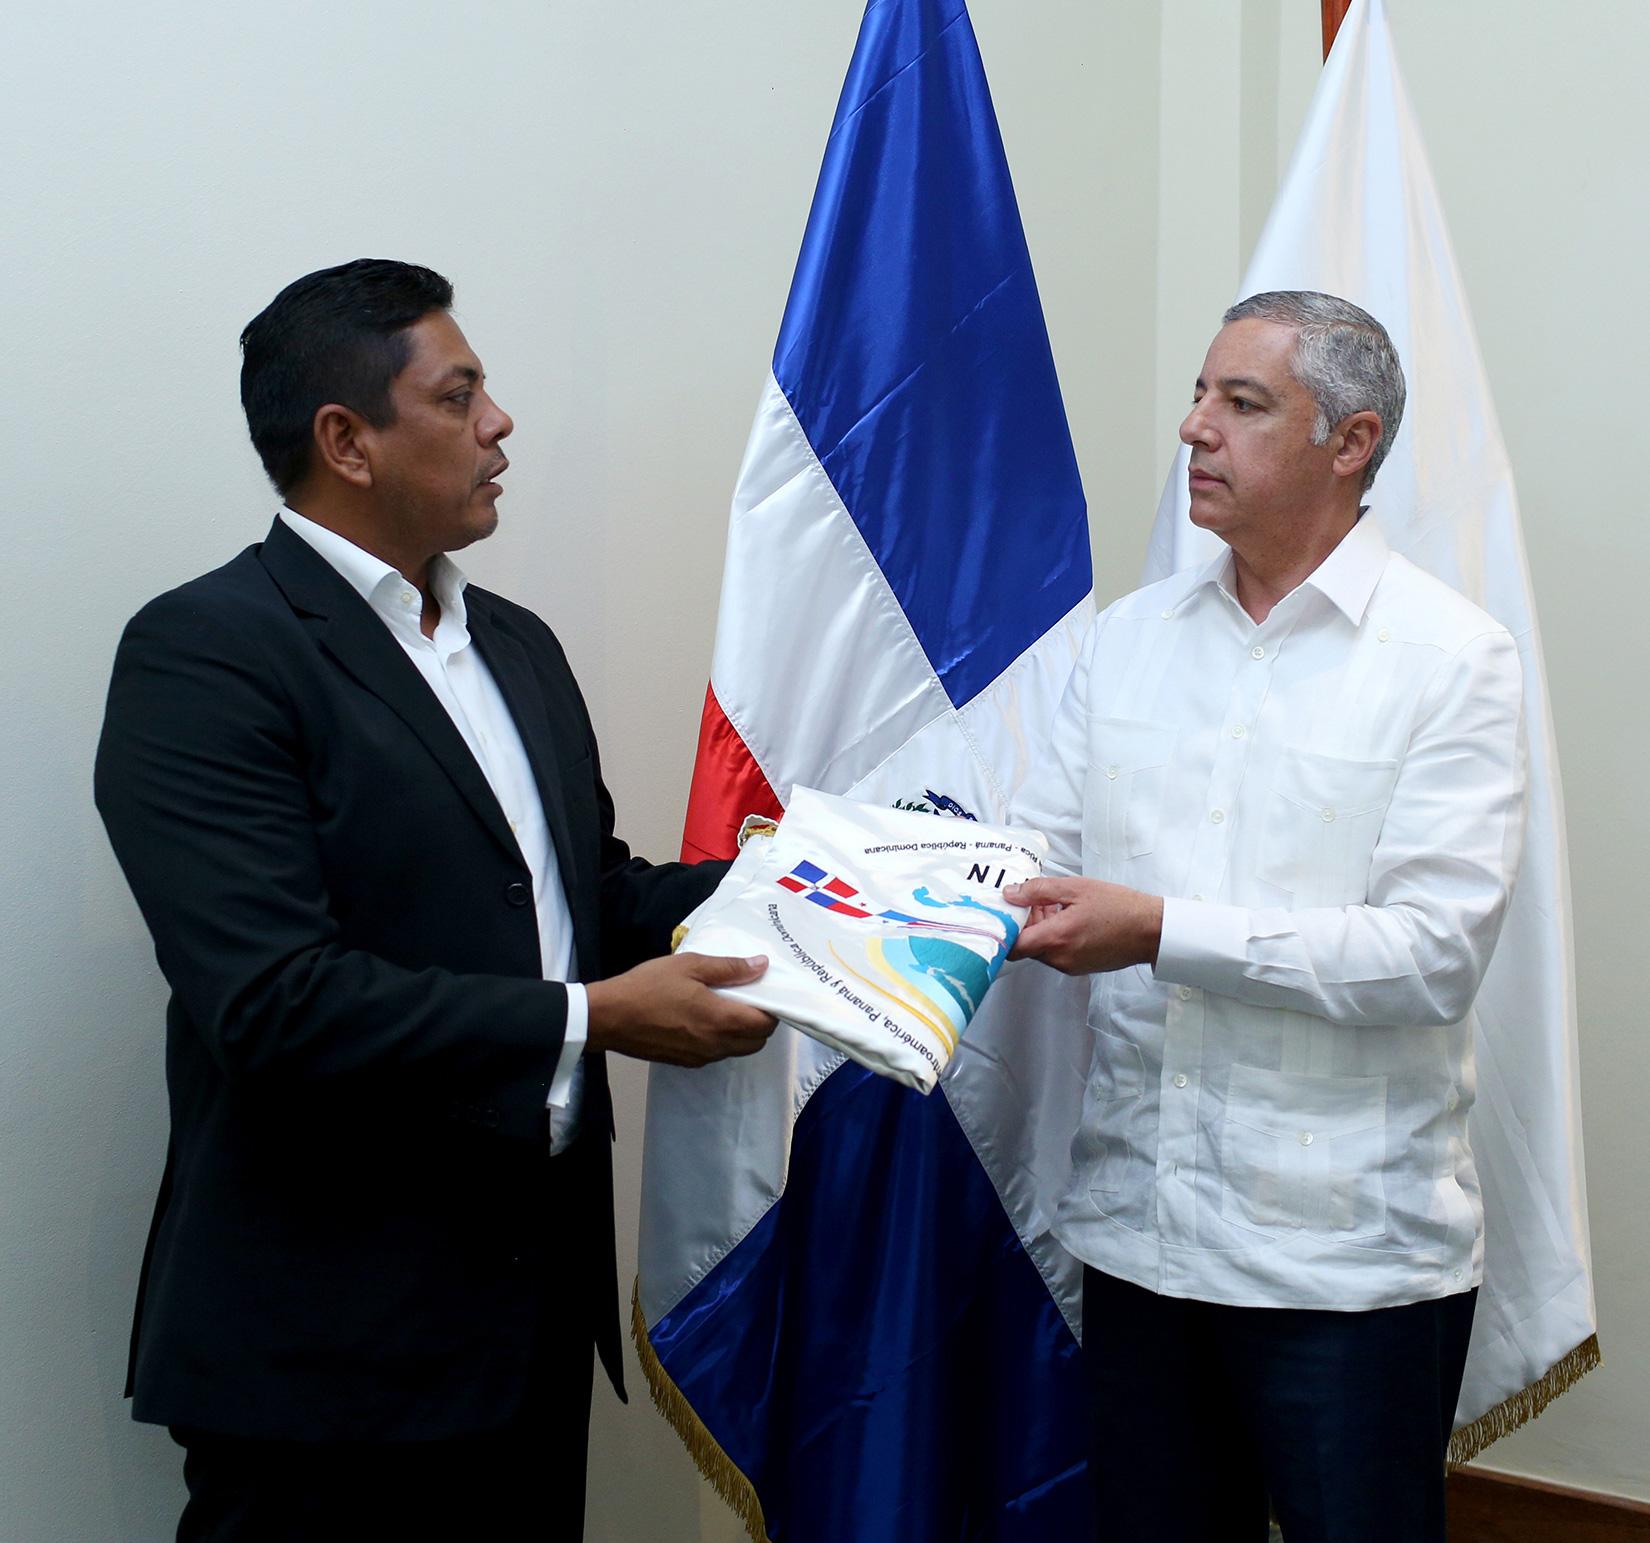 El país asume presidencia pro témpore del Consejo de Ministros de Hacienda o Finanzas de Centroamérica, Panamá y República Dominicana